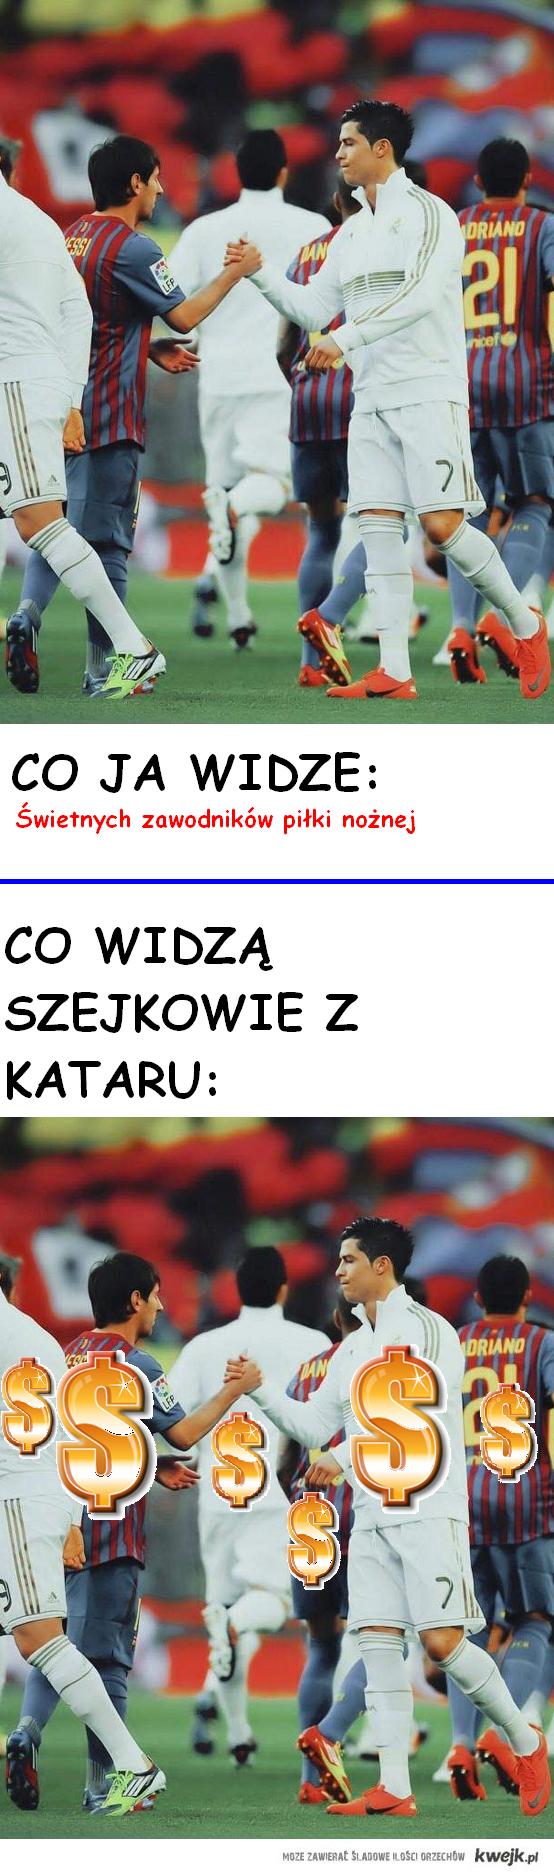 Szejkowie